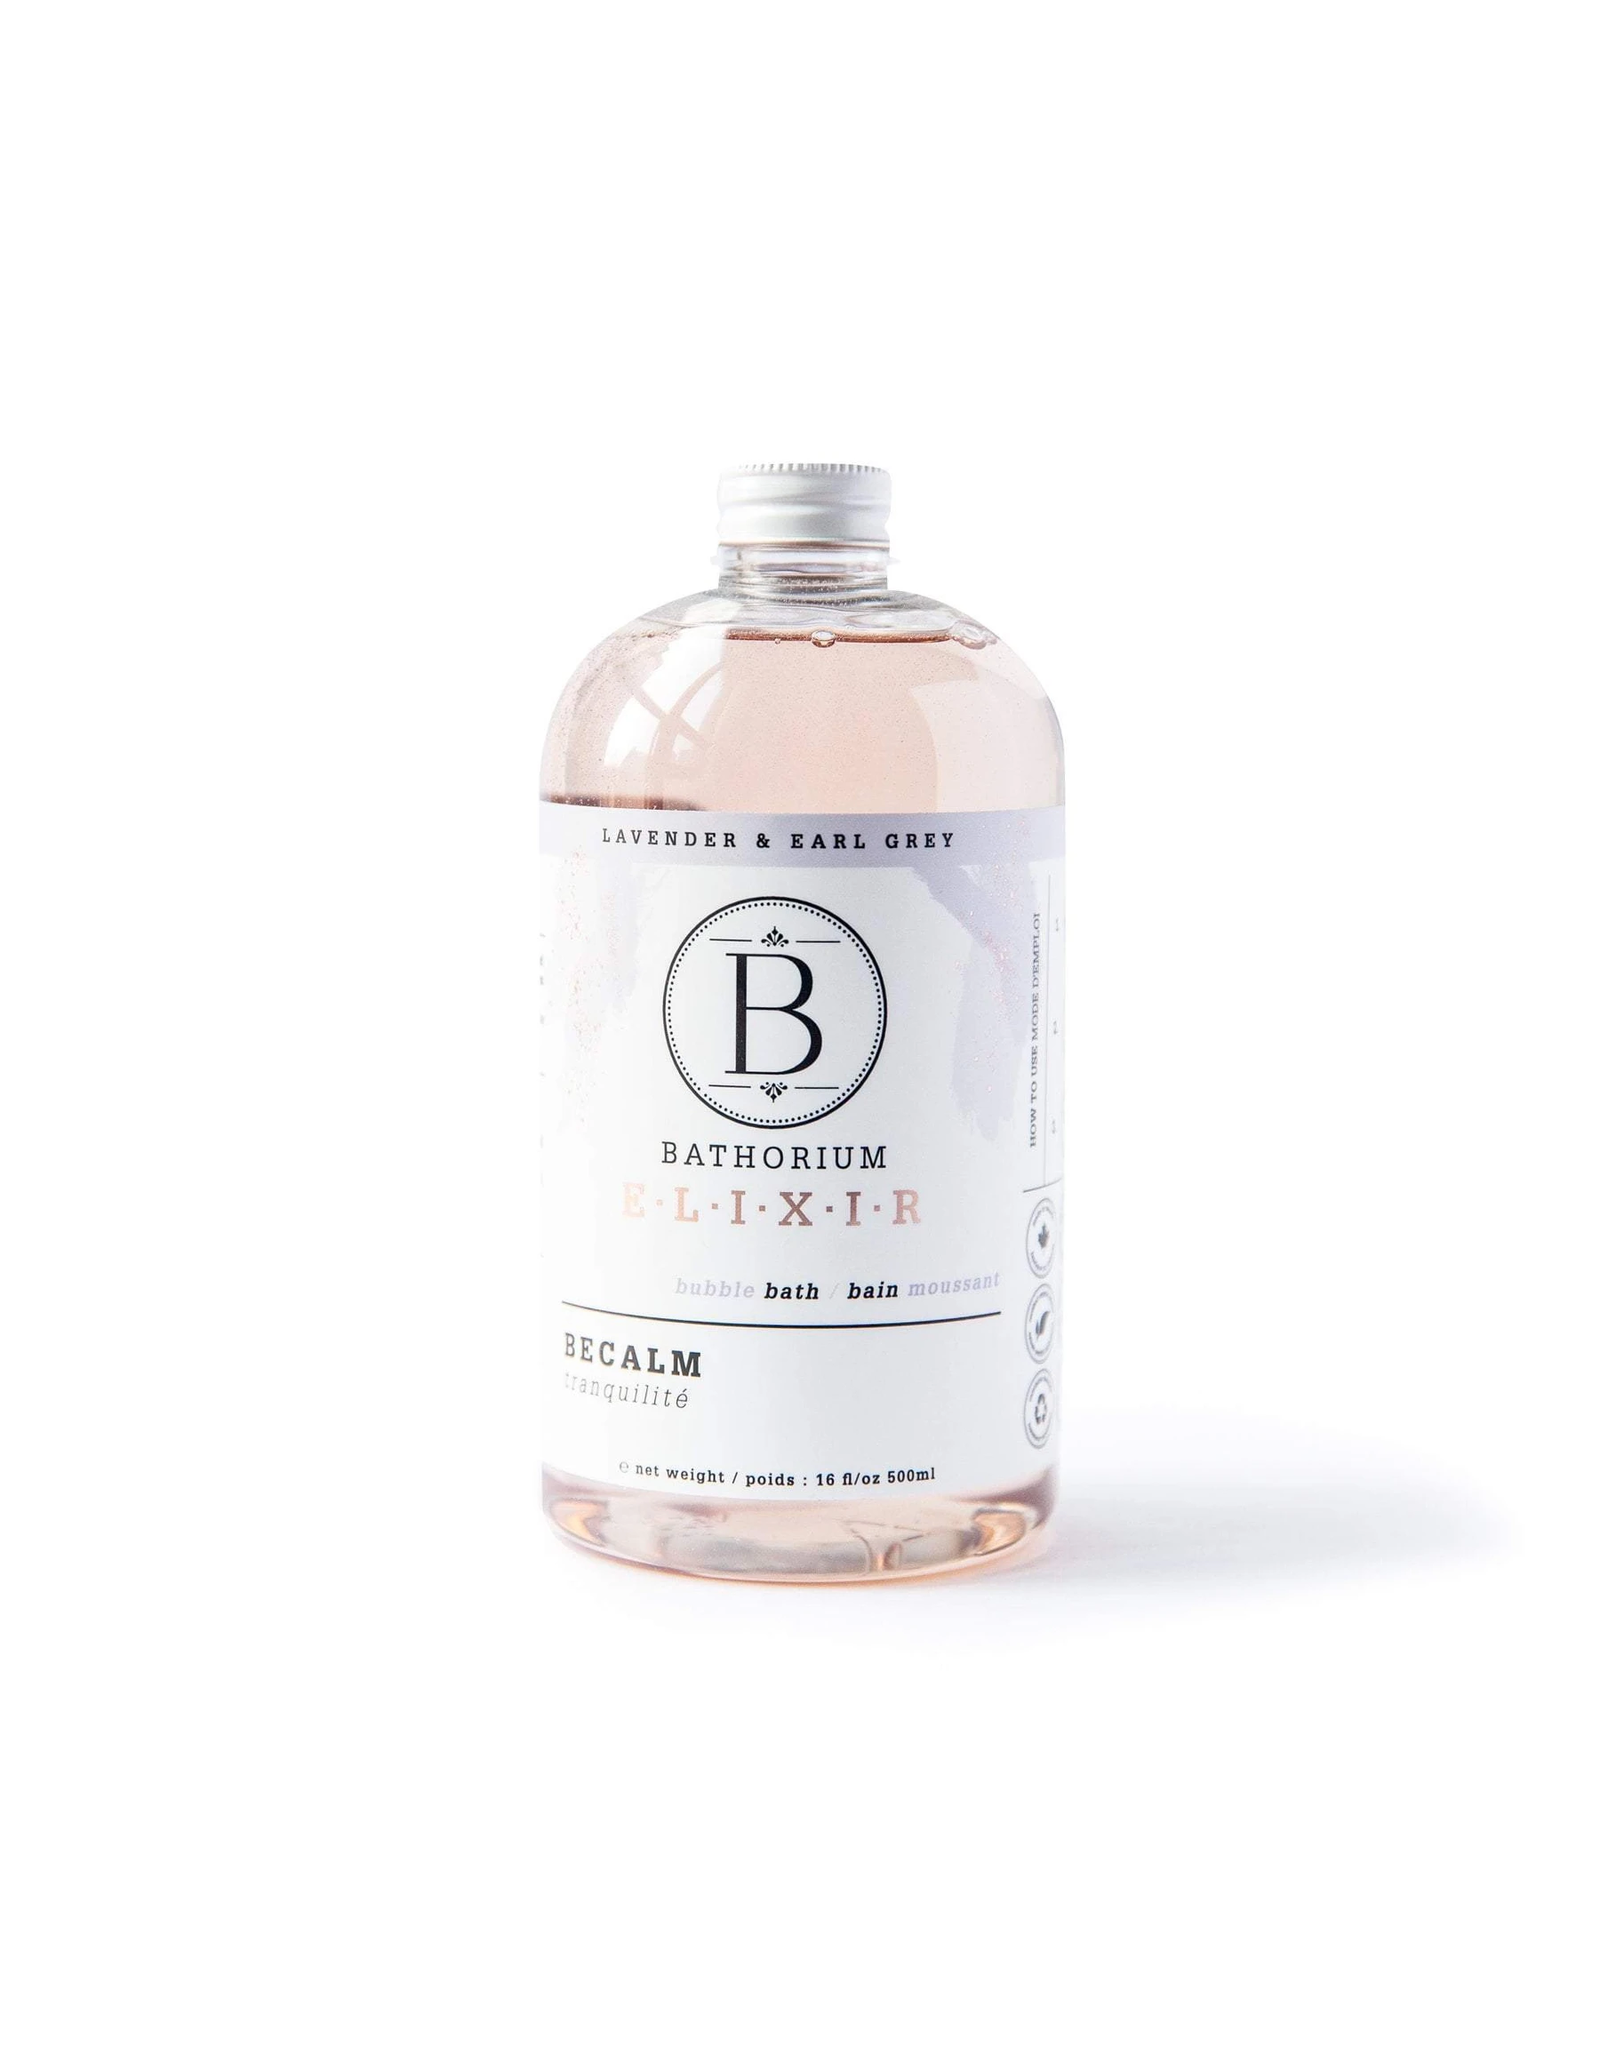 Bathorium BeCalm Bubble Elixir